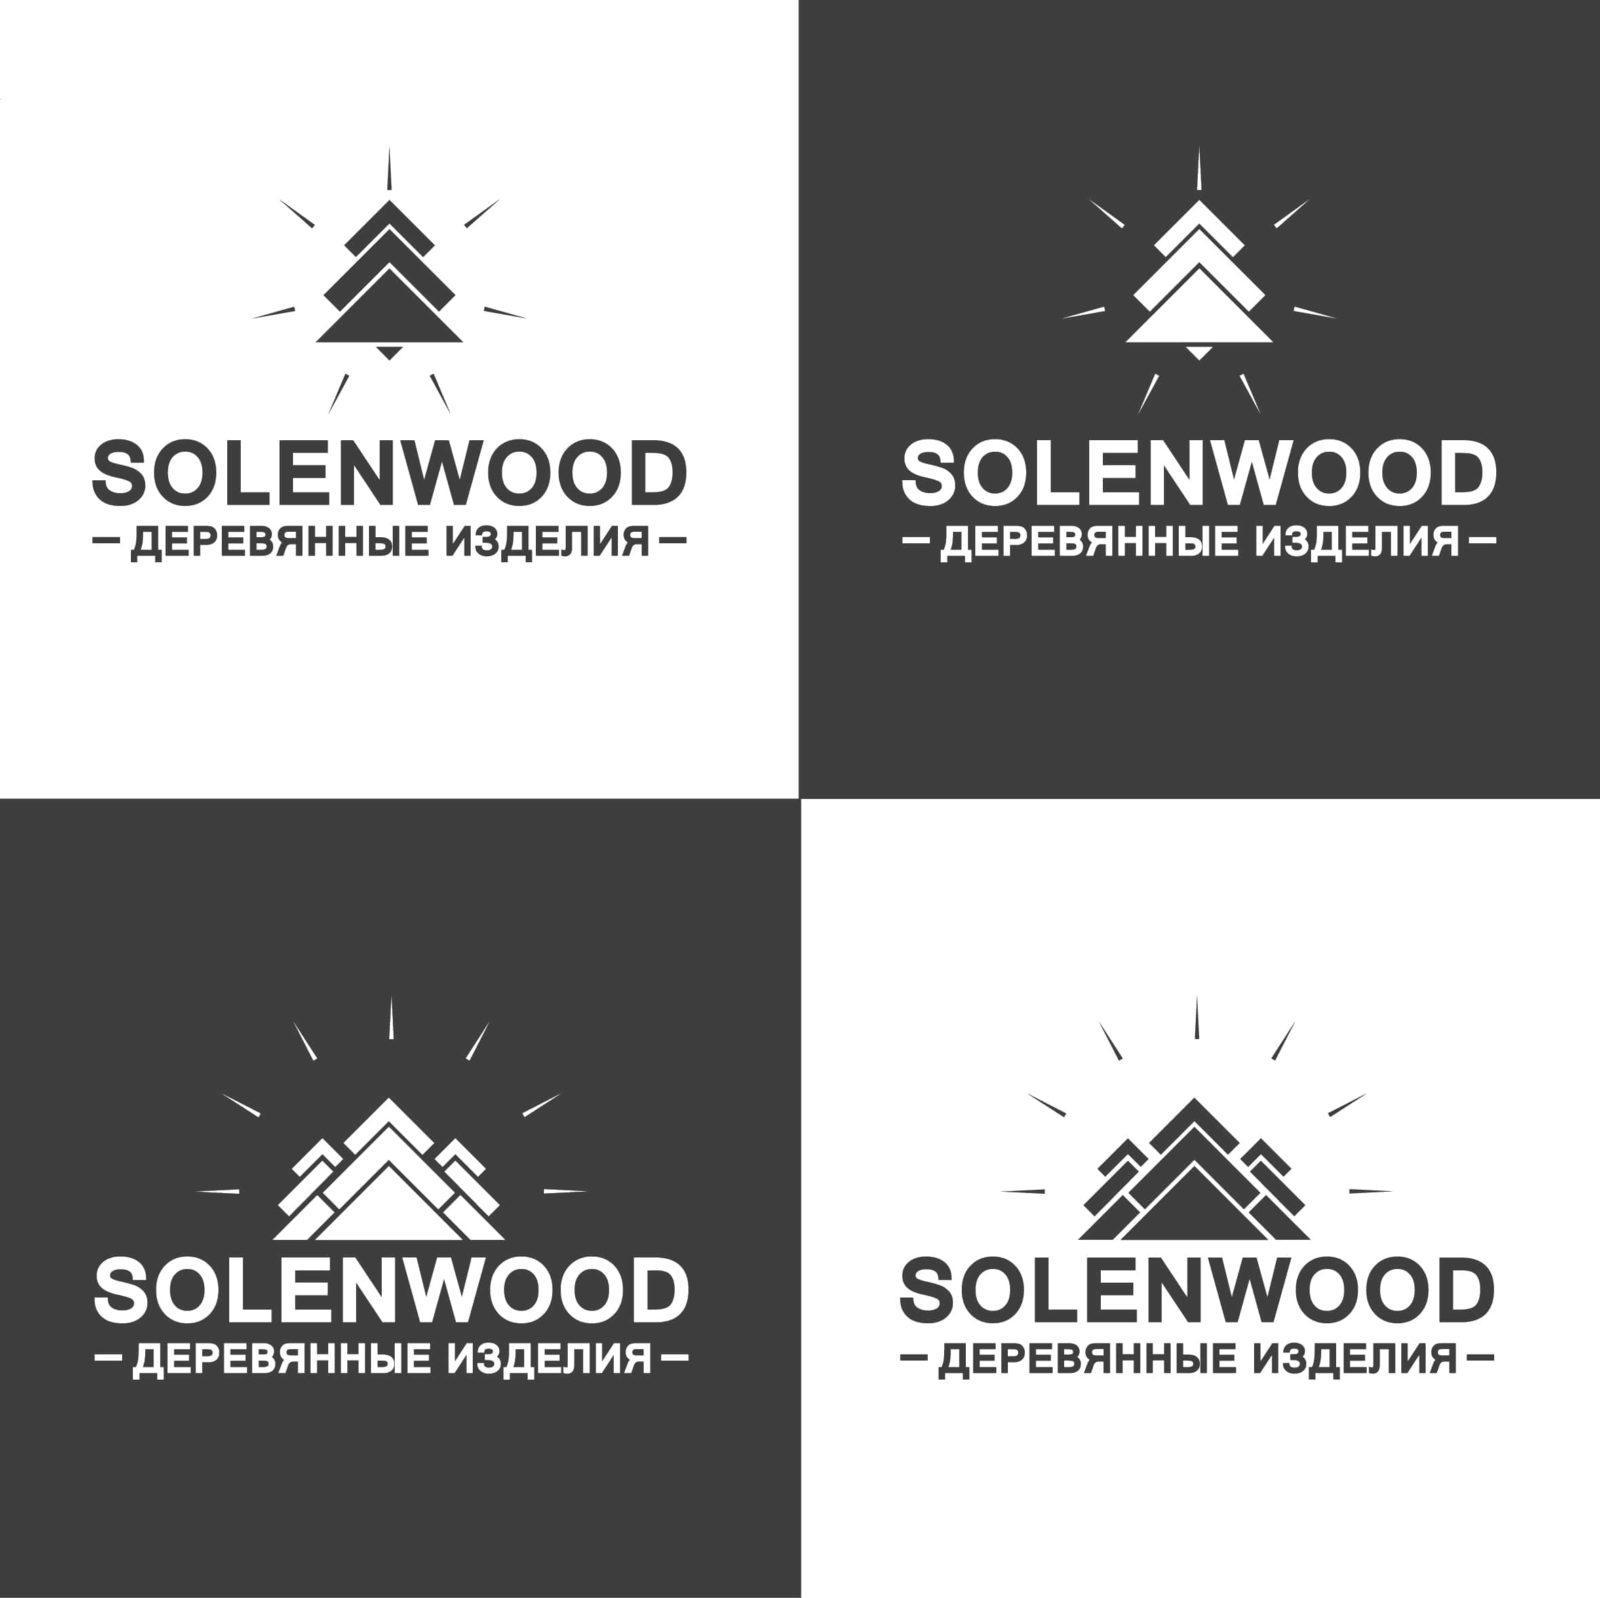 логотип в виде елки пример